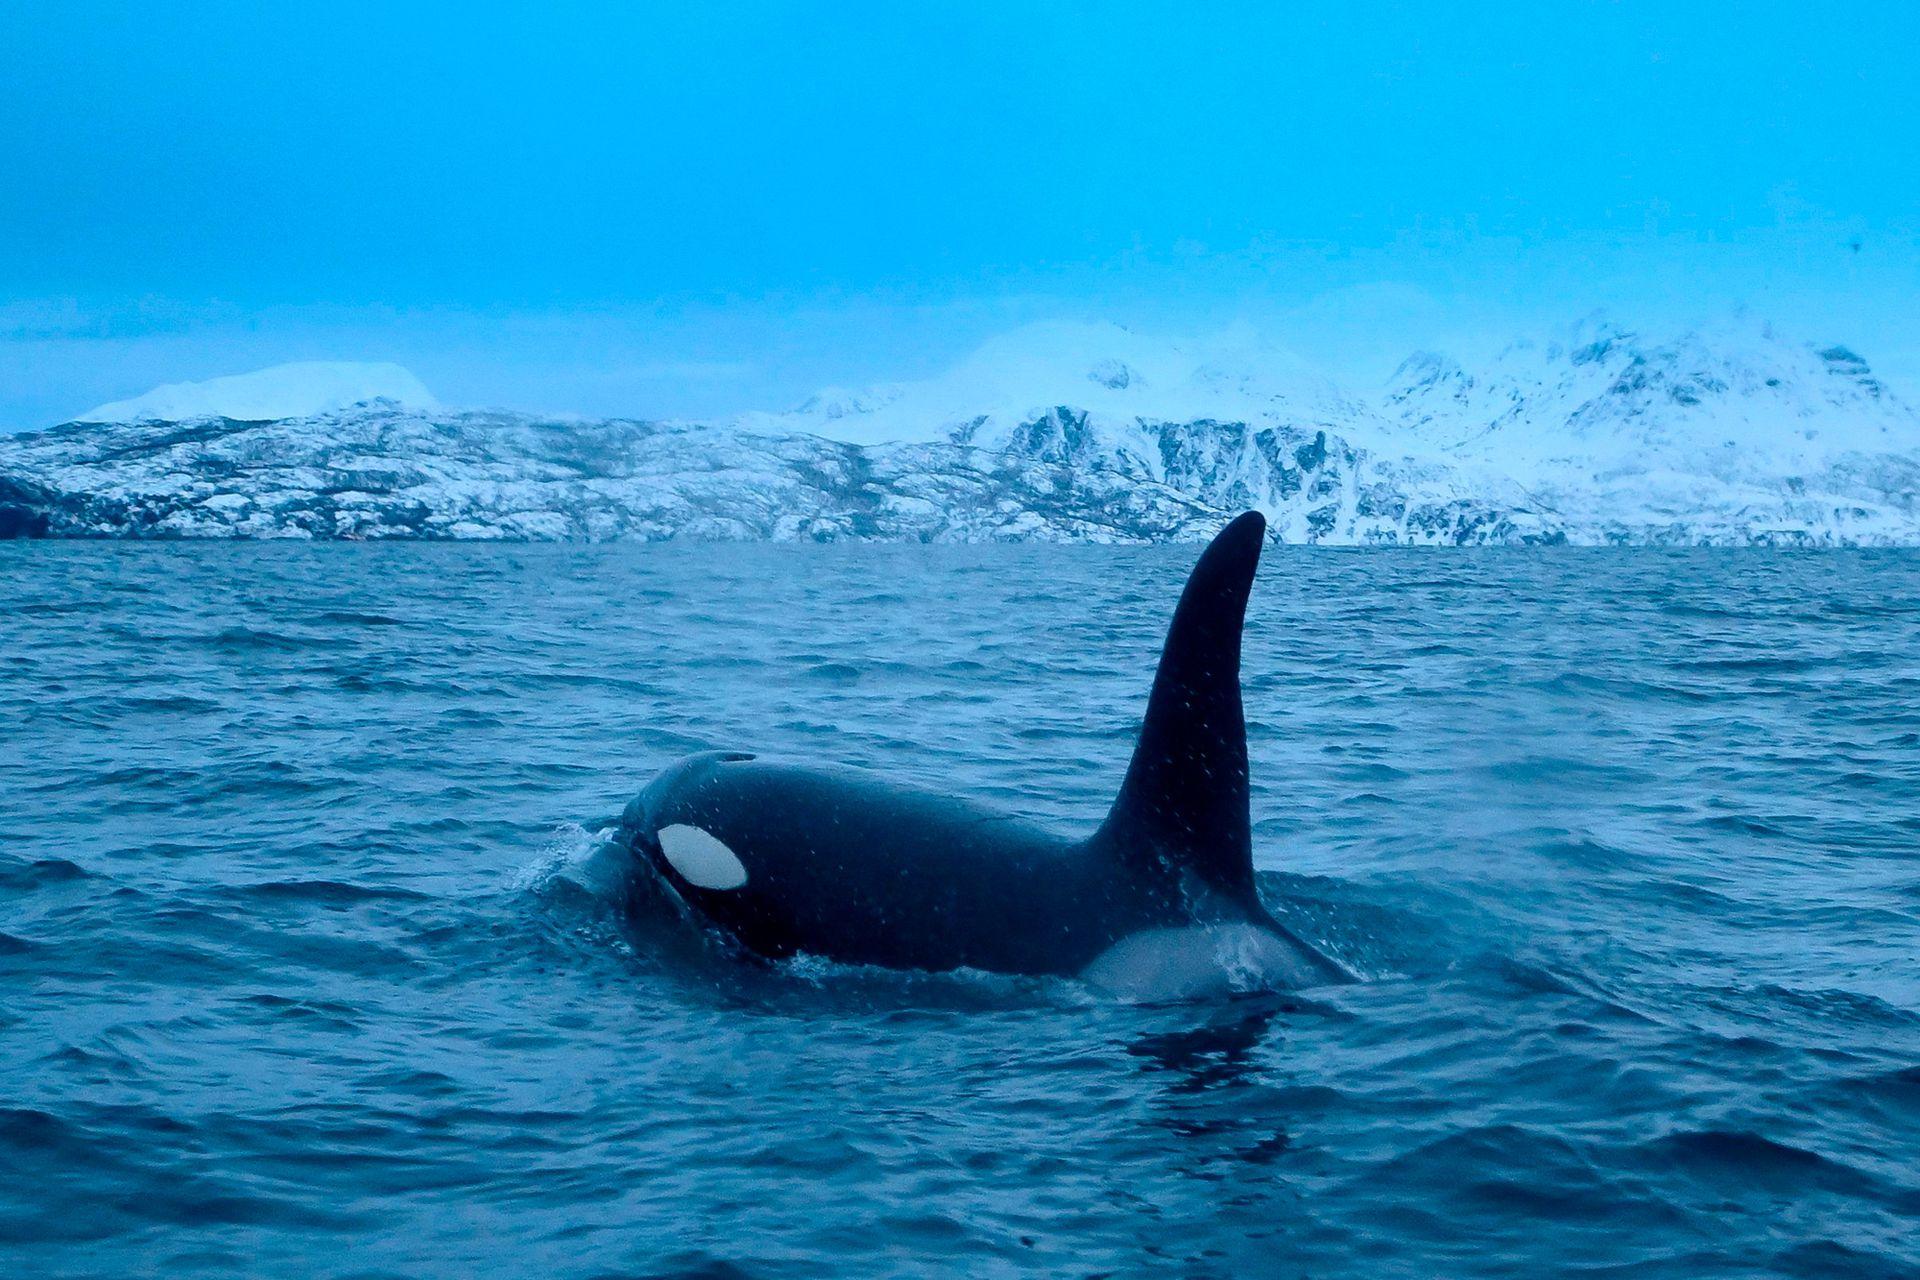 Una orca persigue arenques el 14 de enero, en la región del fiordo de Reisafjorden, cerca de la ciudad noruega de Tromso